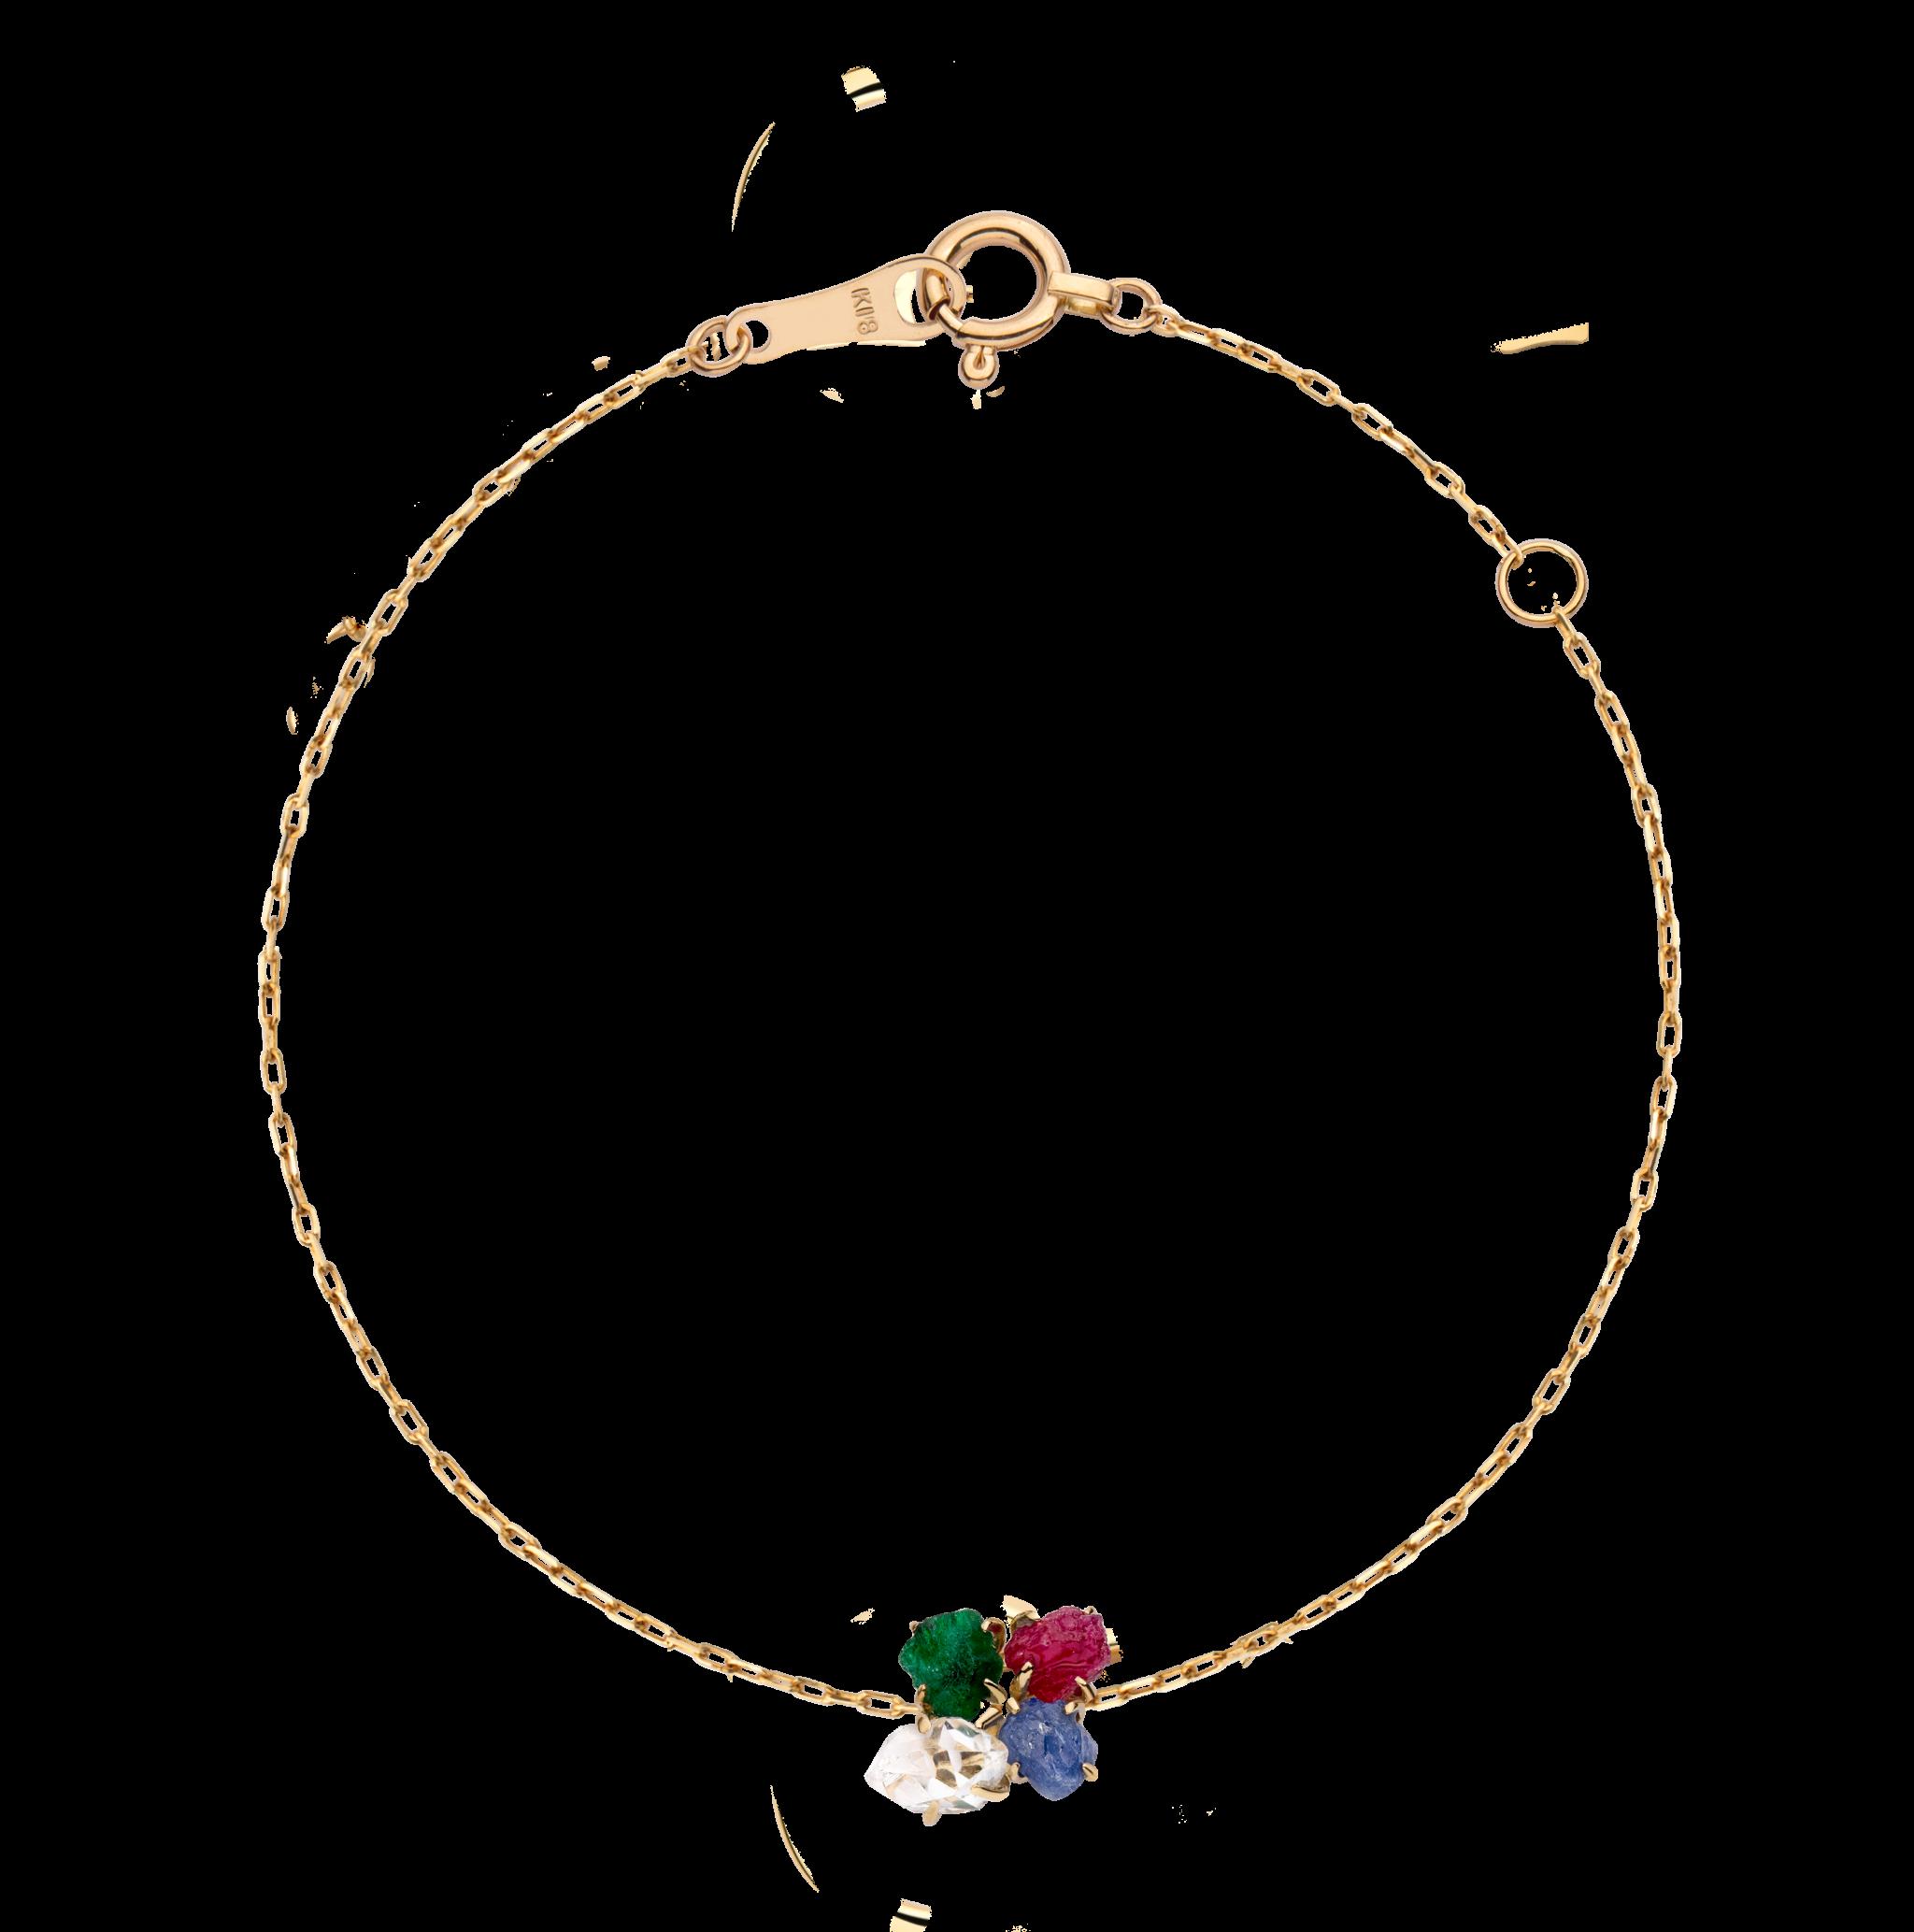 第一件珠宝 蜕变 Collection 18K黄金 四合一彩宝手链 (原石版) 4399